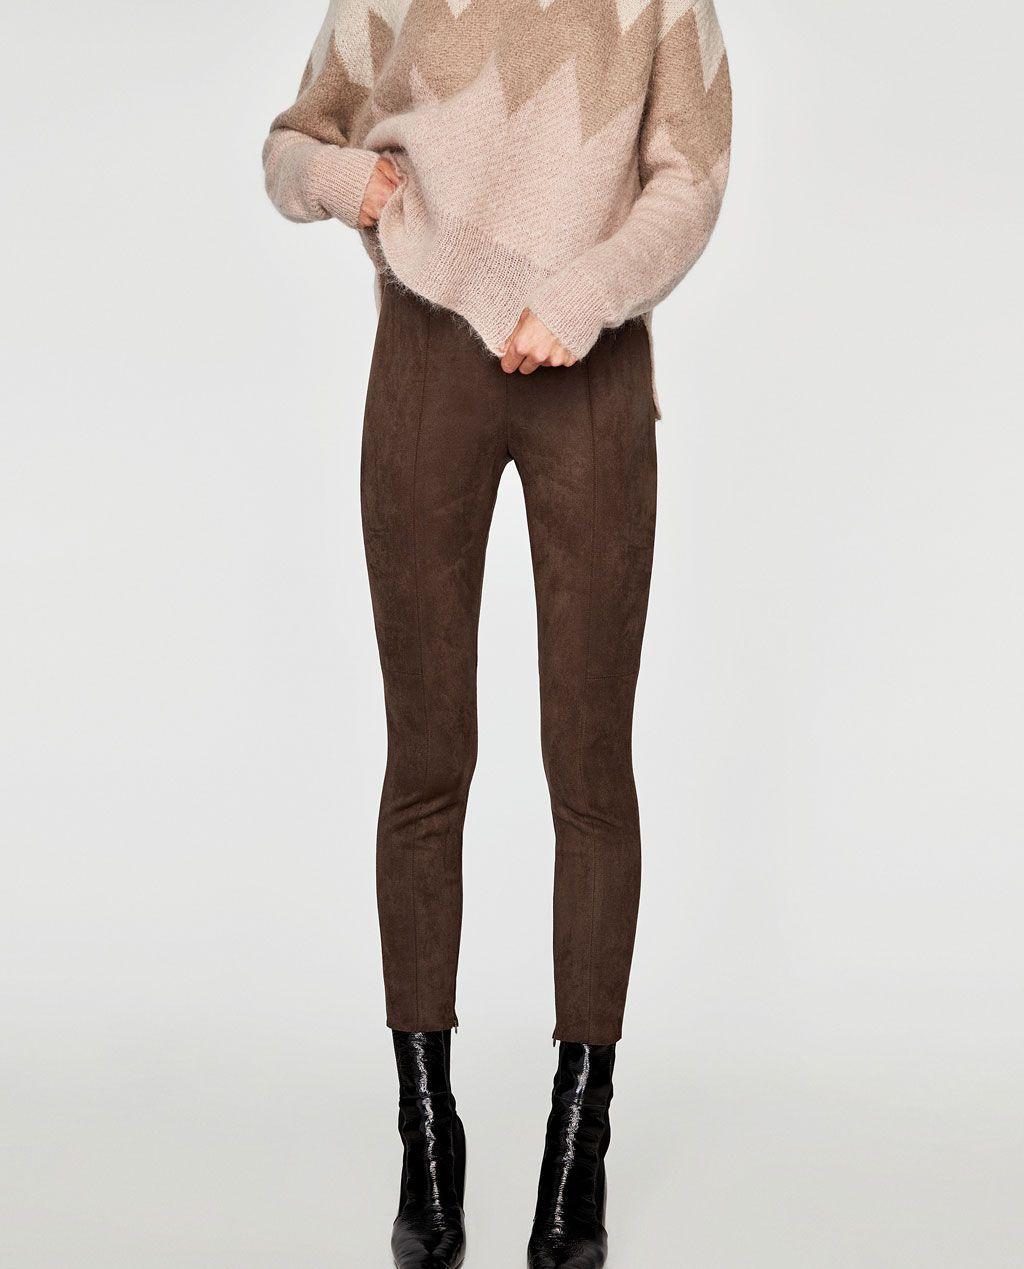 pantalon daim femme zara